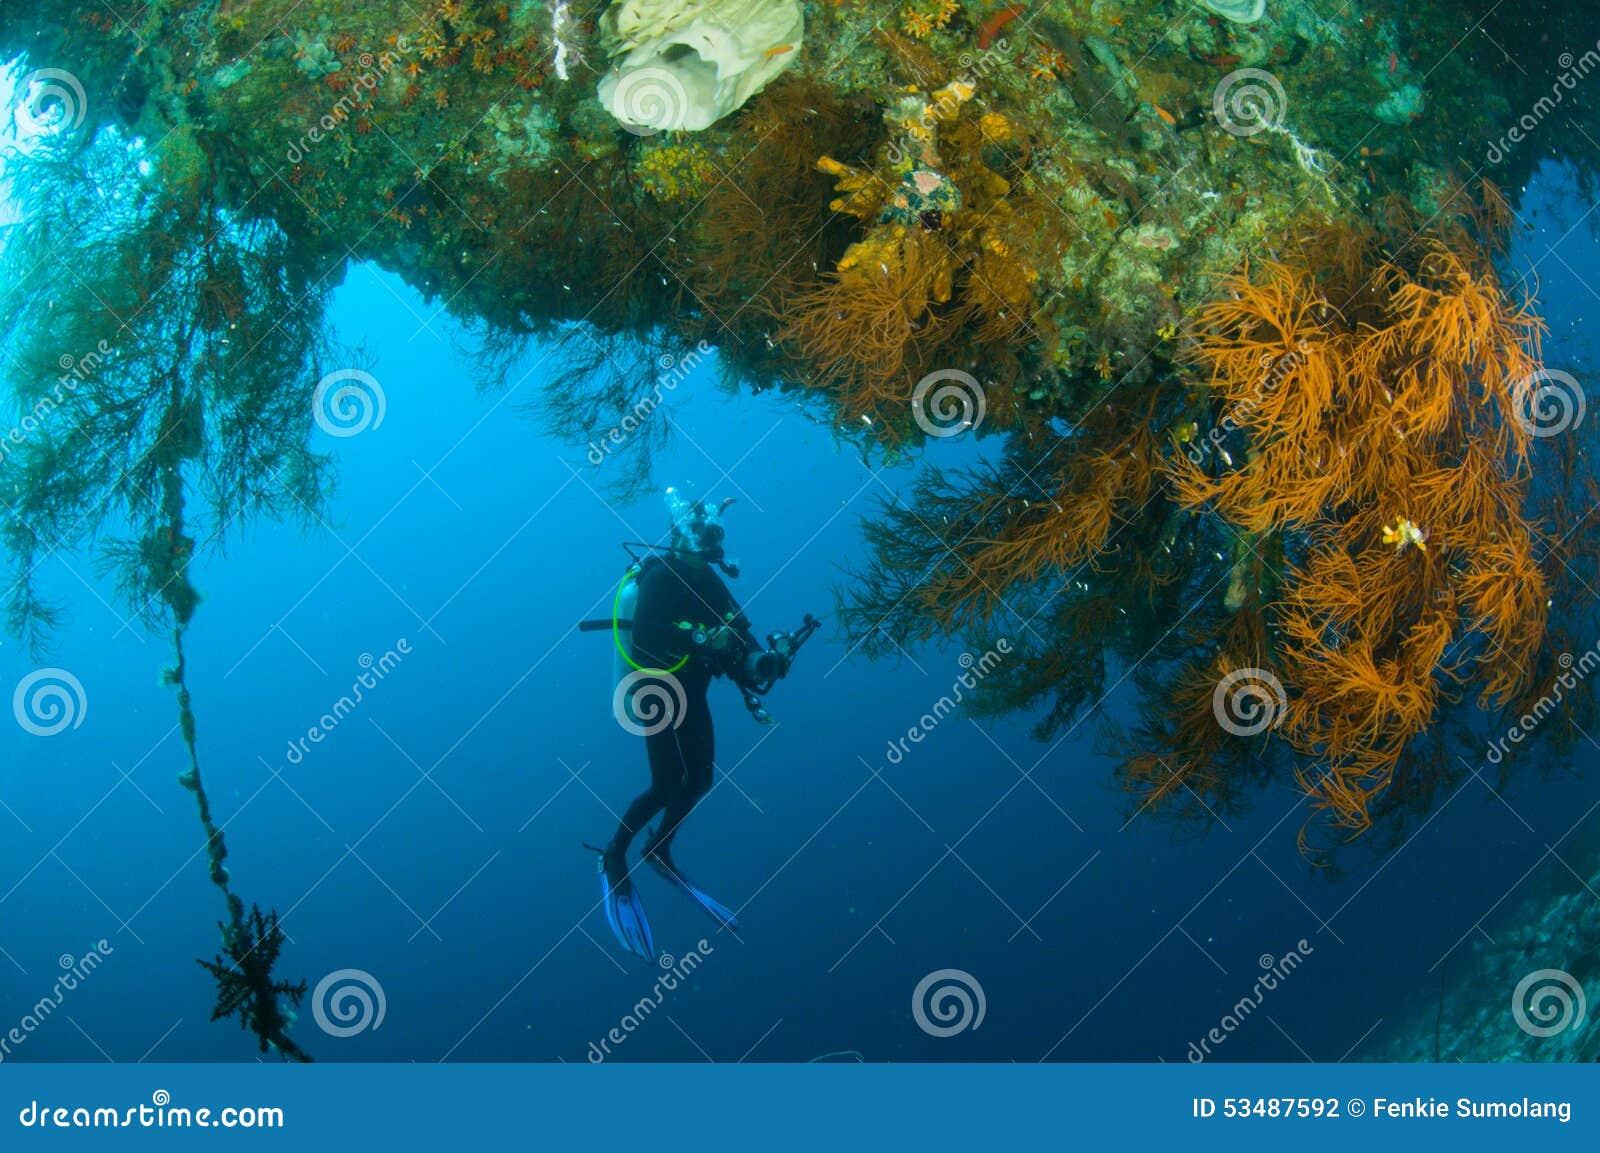 Kapoposang Sulawesi Indonesia del buceador del buceo con escafandra subacuática